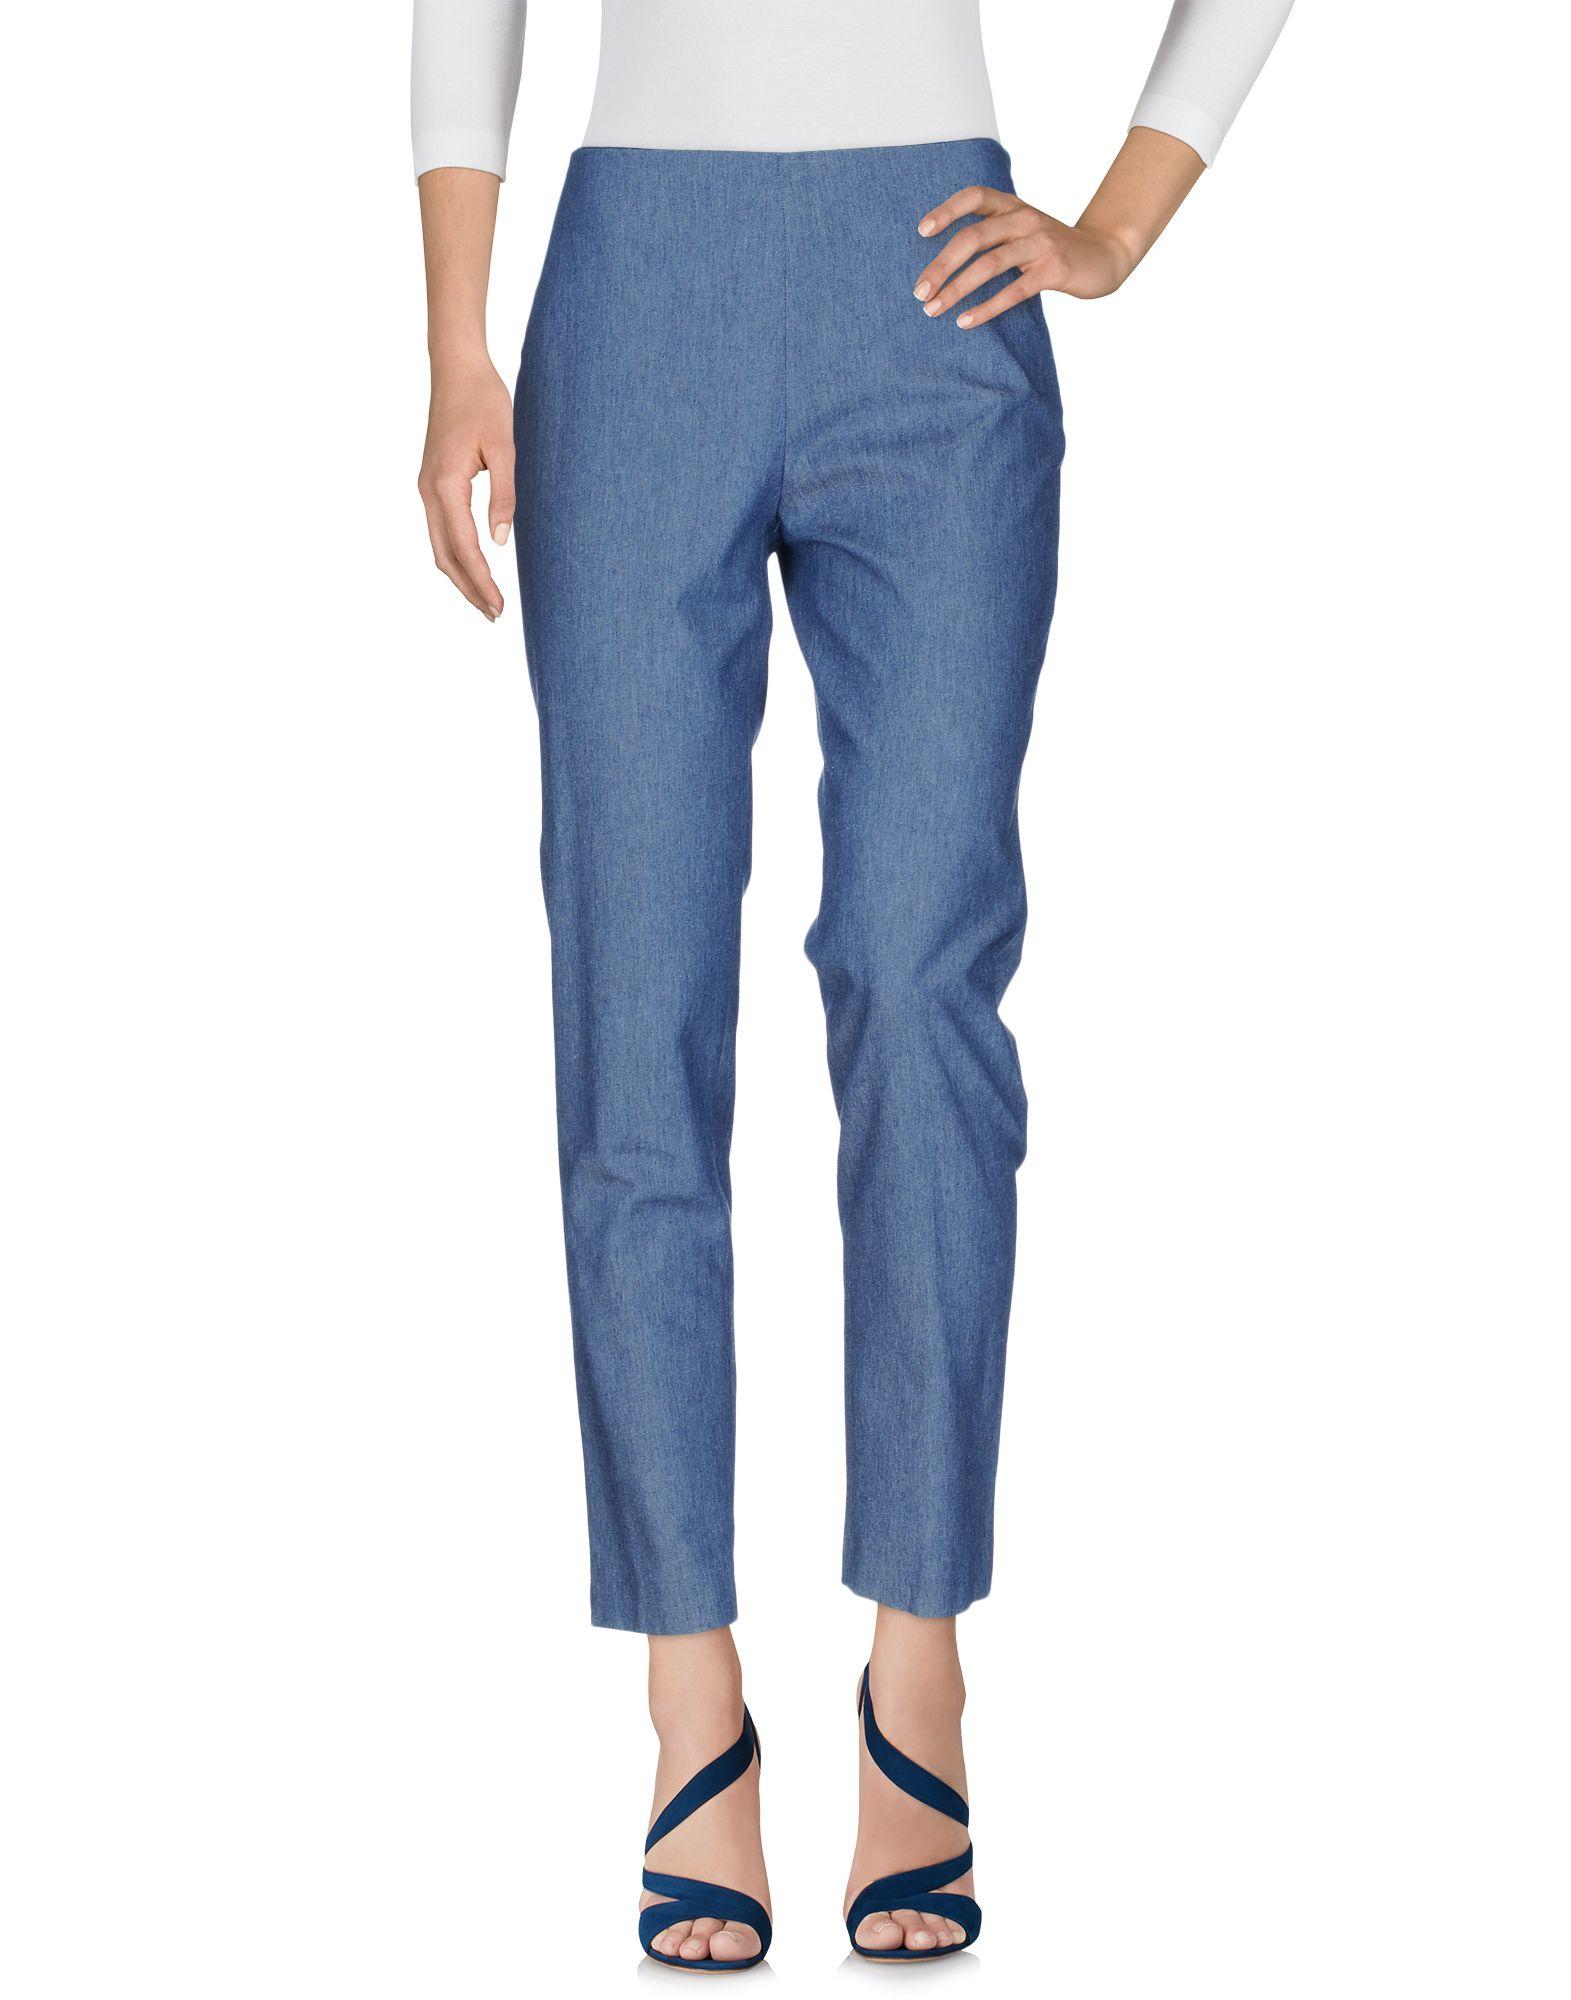 JIL SANDER NAVY Джинсовые брюки женские брюки лэйт светлый размер 50